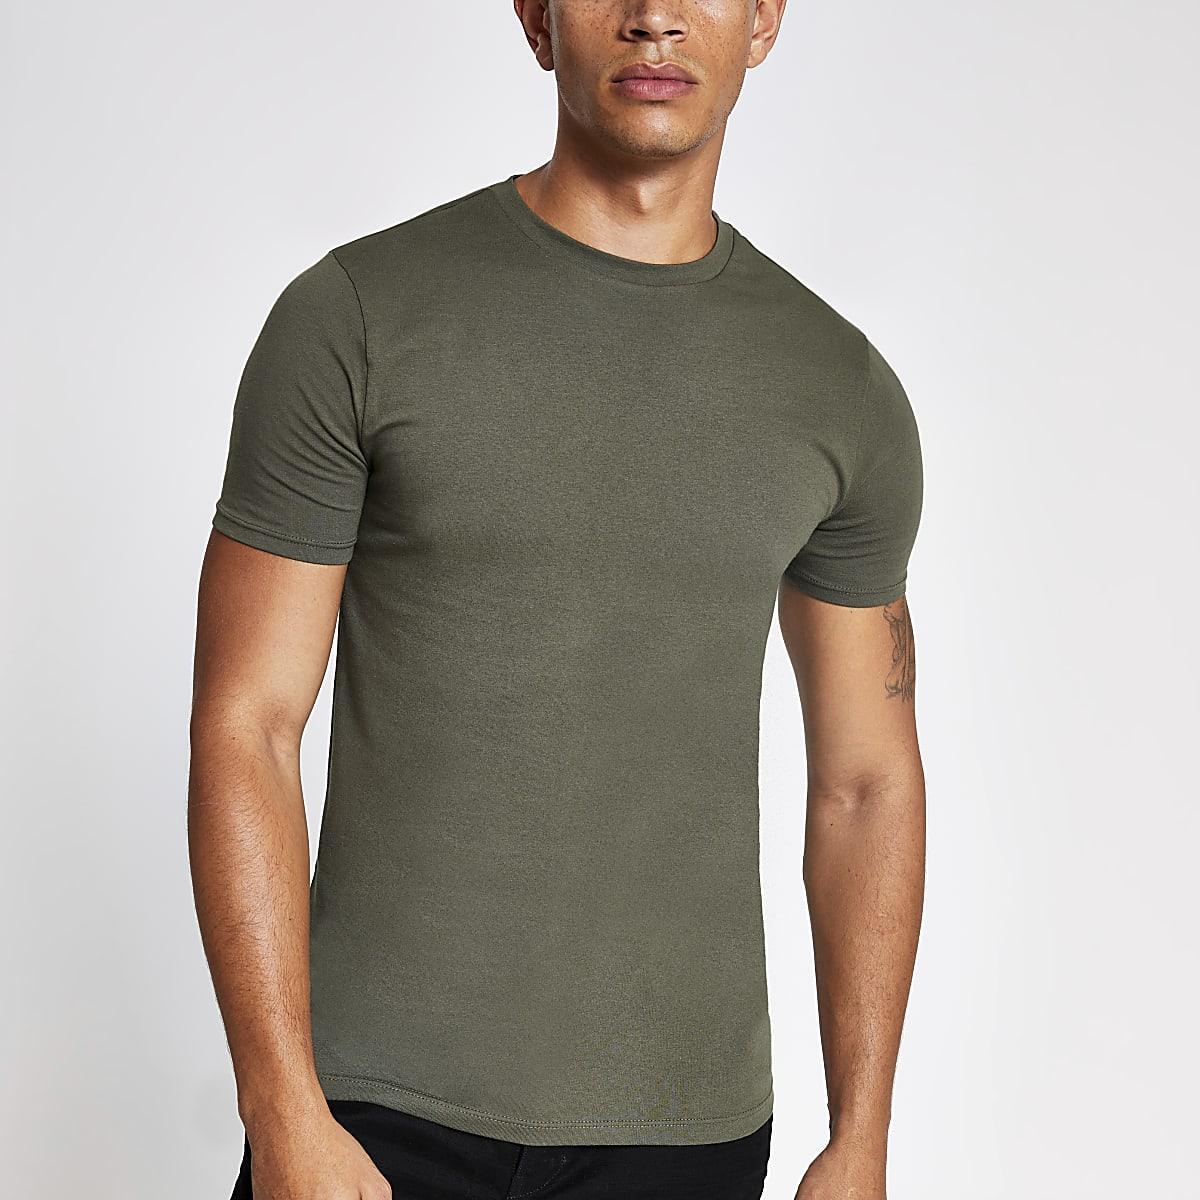 Kaki aansluitend T-shirt met korte mouwen